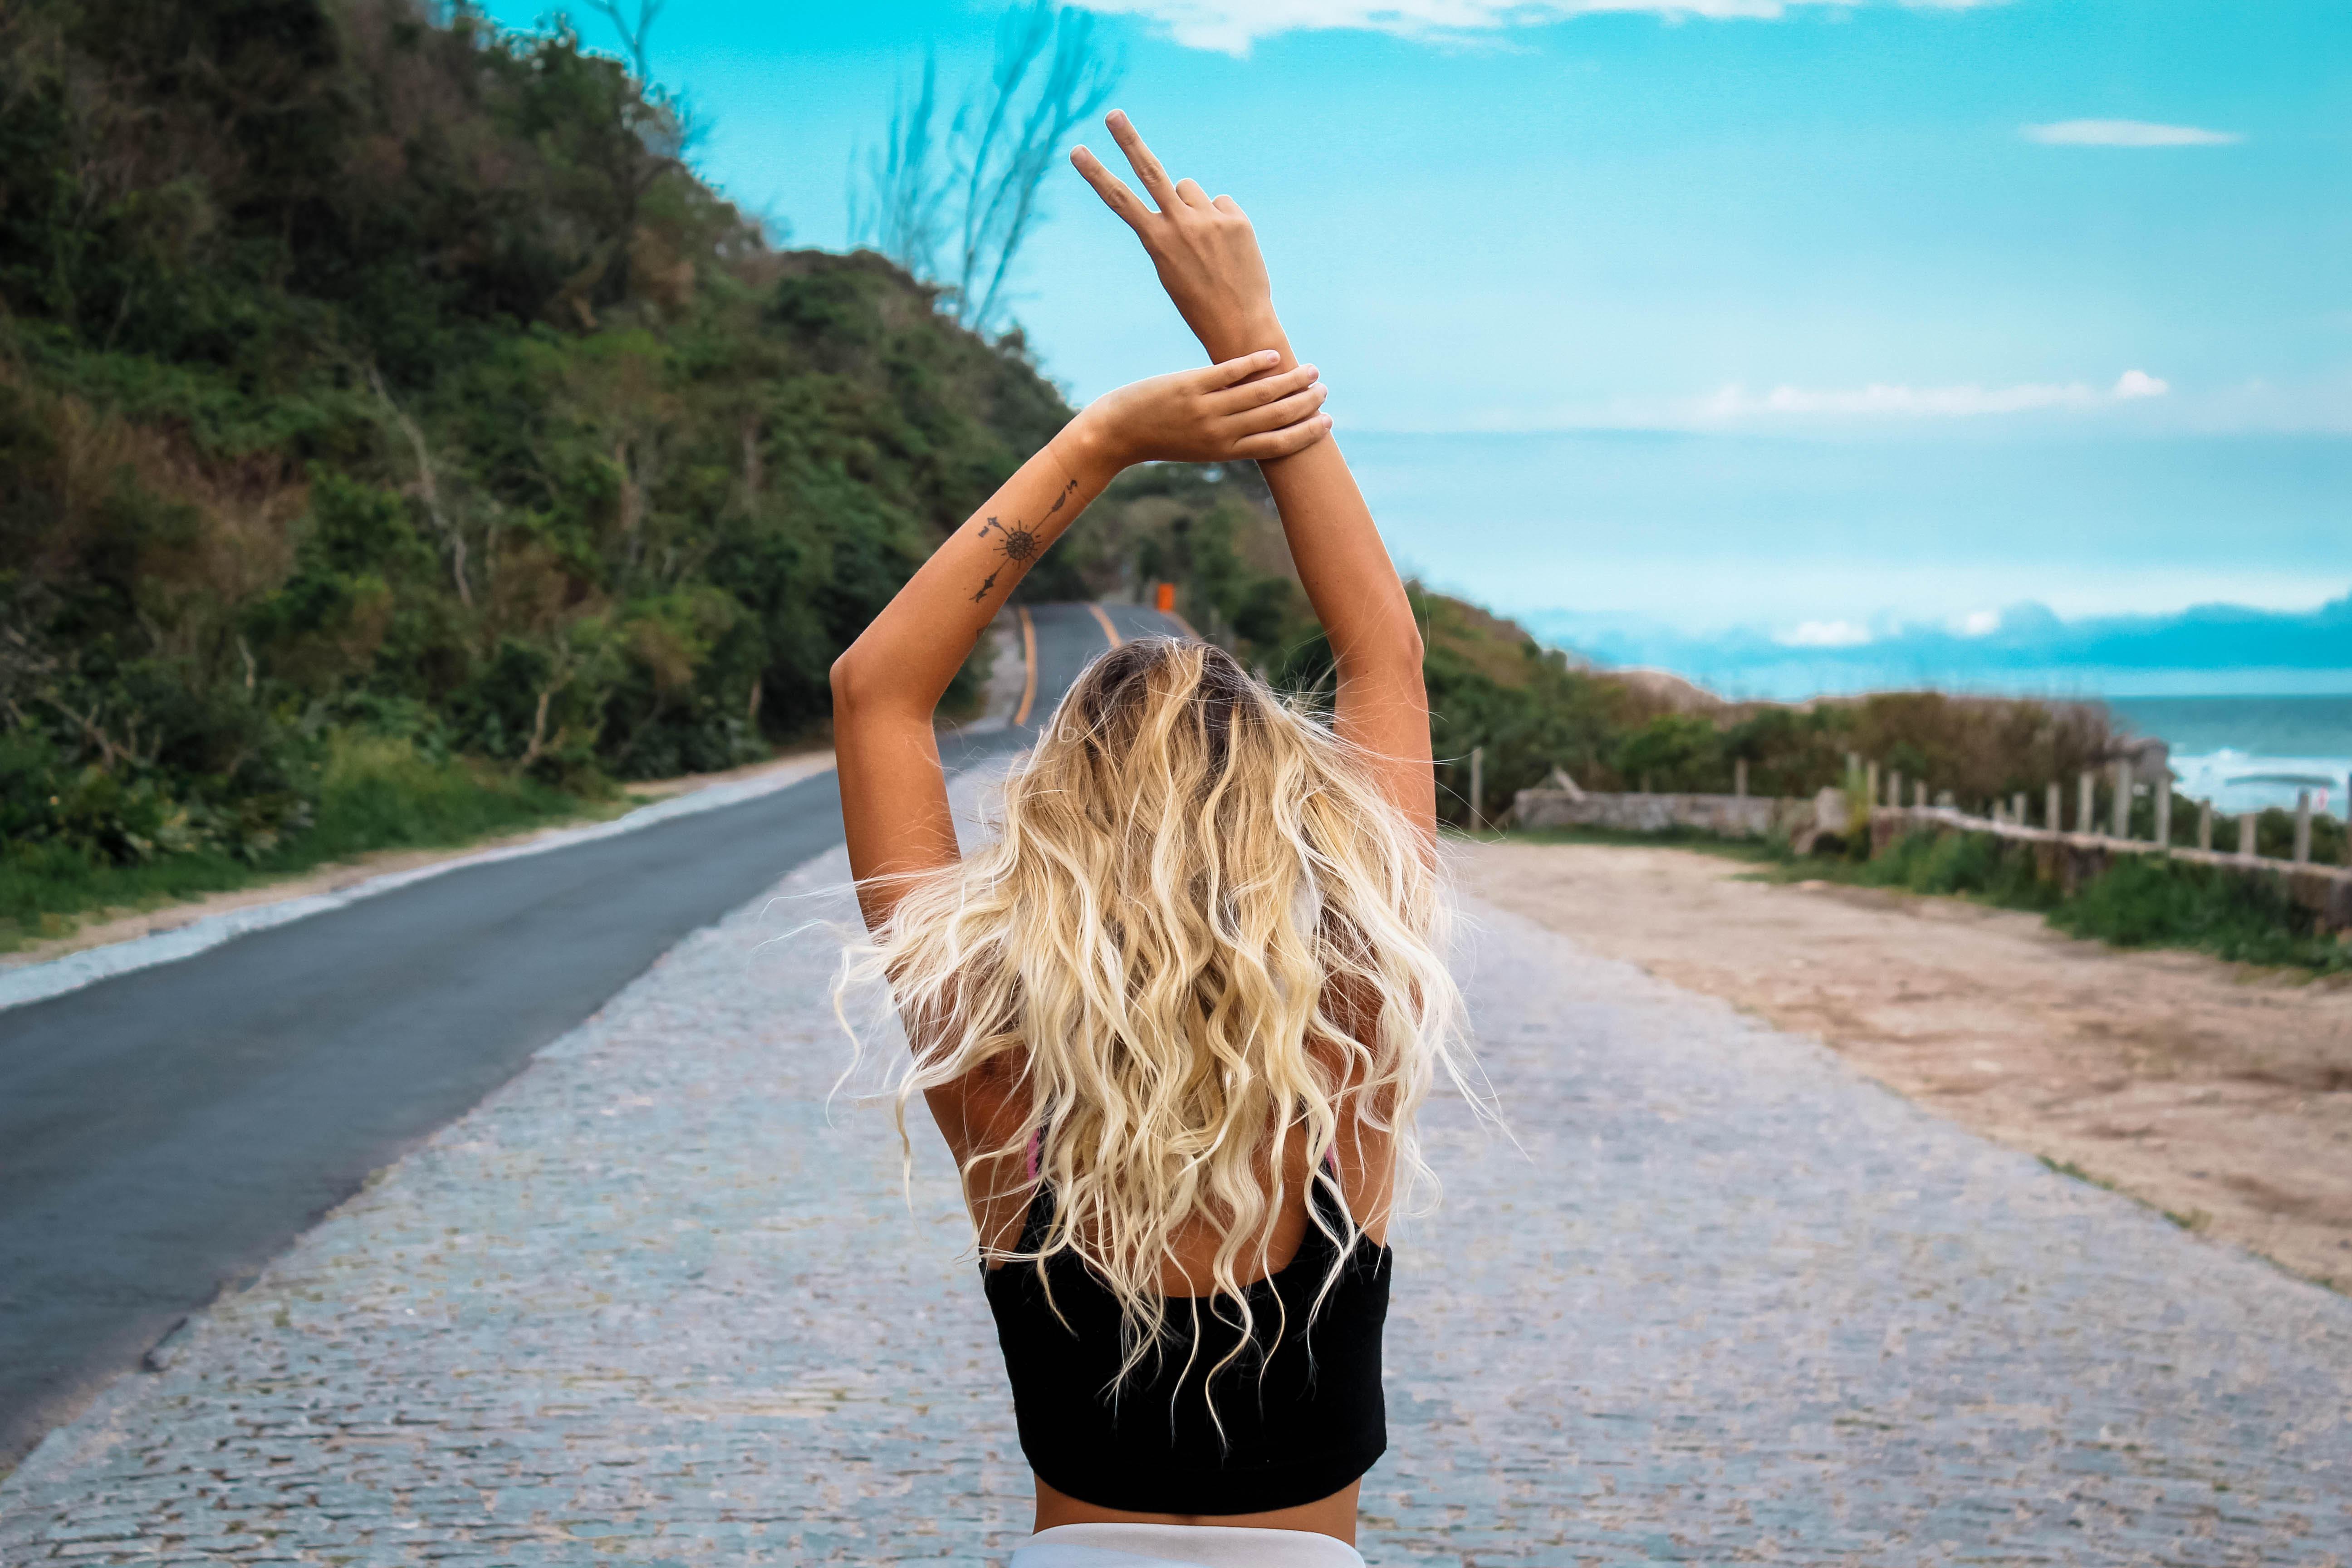 Cabelo Blond Surfer 3